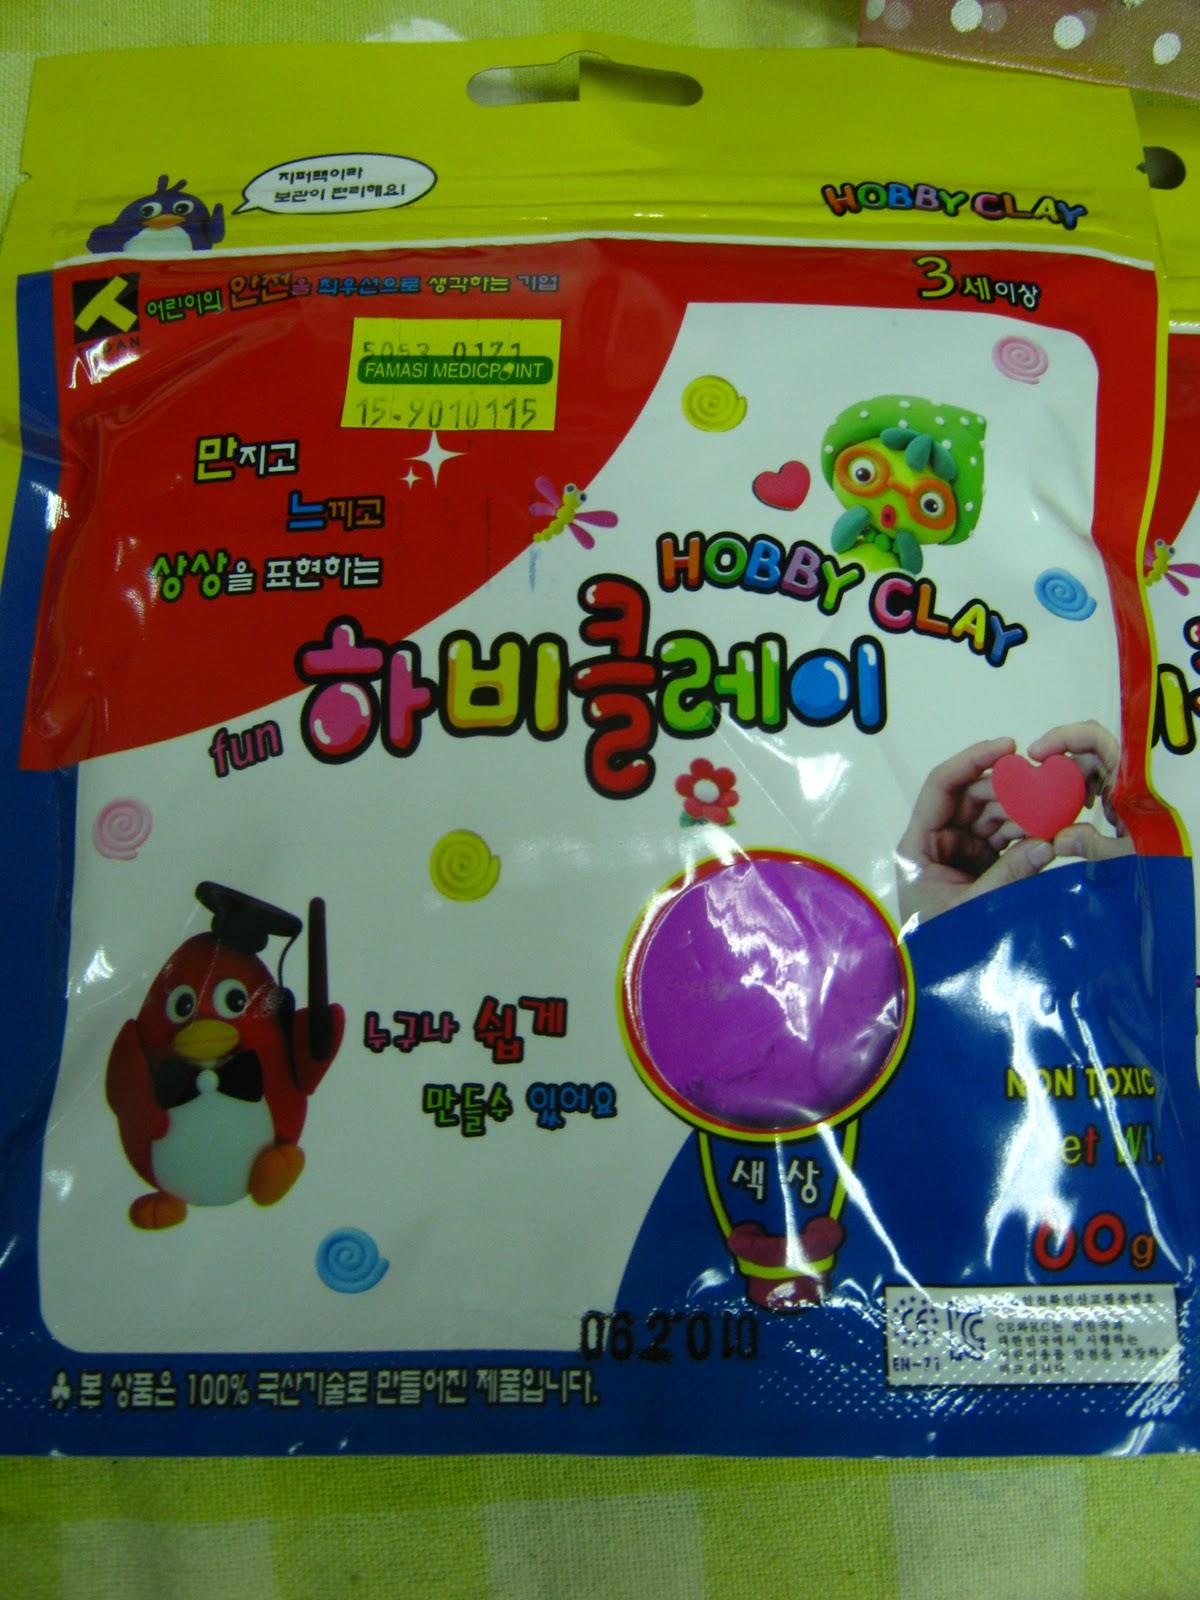 http://2.bp.blogspot.com/_8qM_zMNjsEU/TPcn8wCQ7AI/AAAAAAAACCQ/h0oFM2_kdx4/s1600/magnetic+cookies+005.jpg